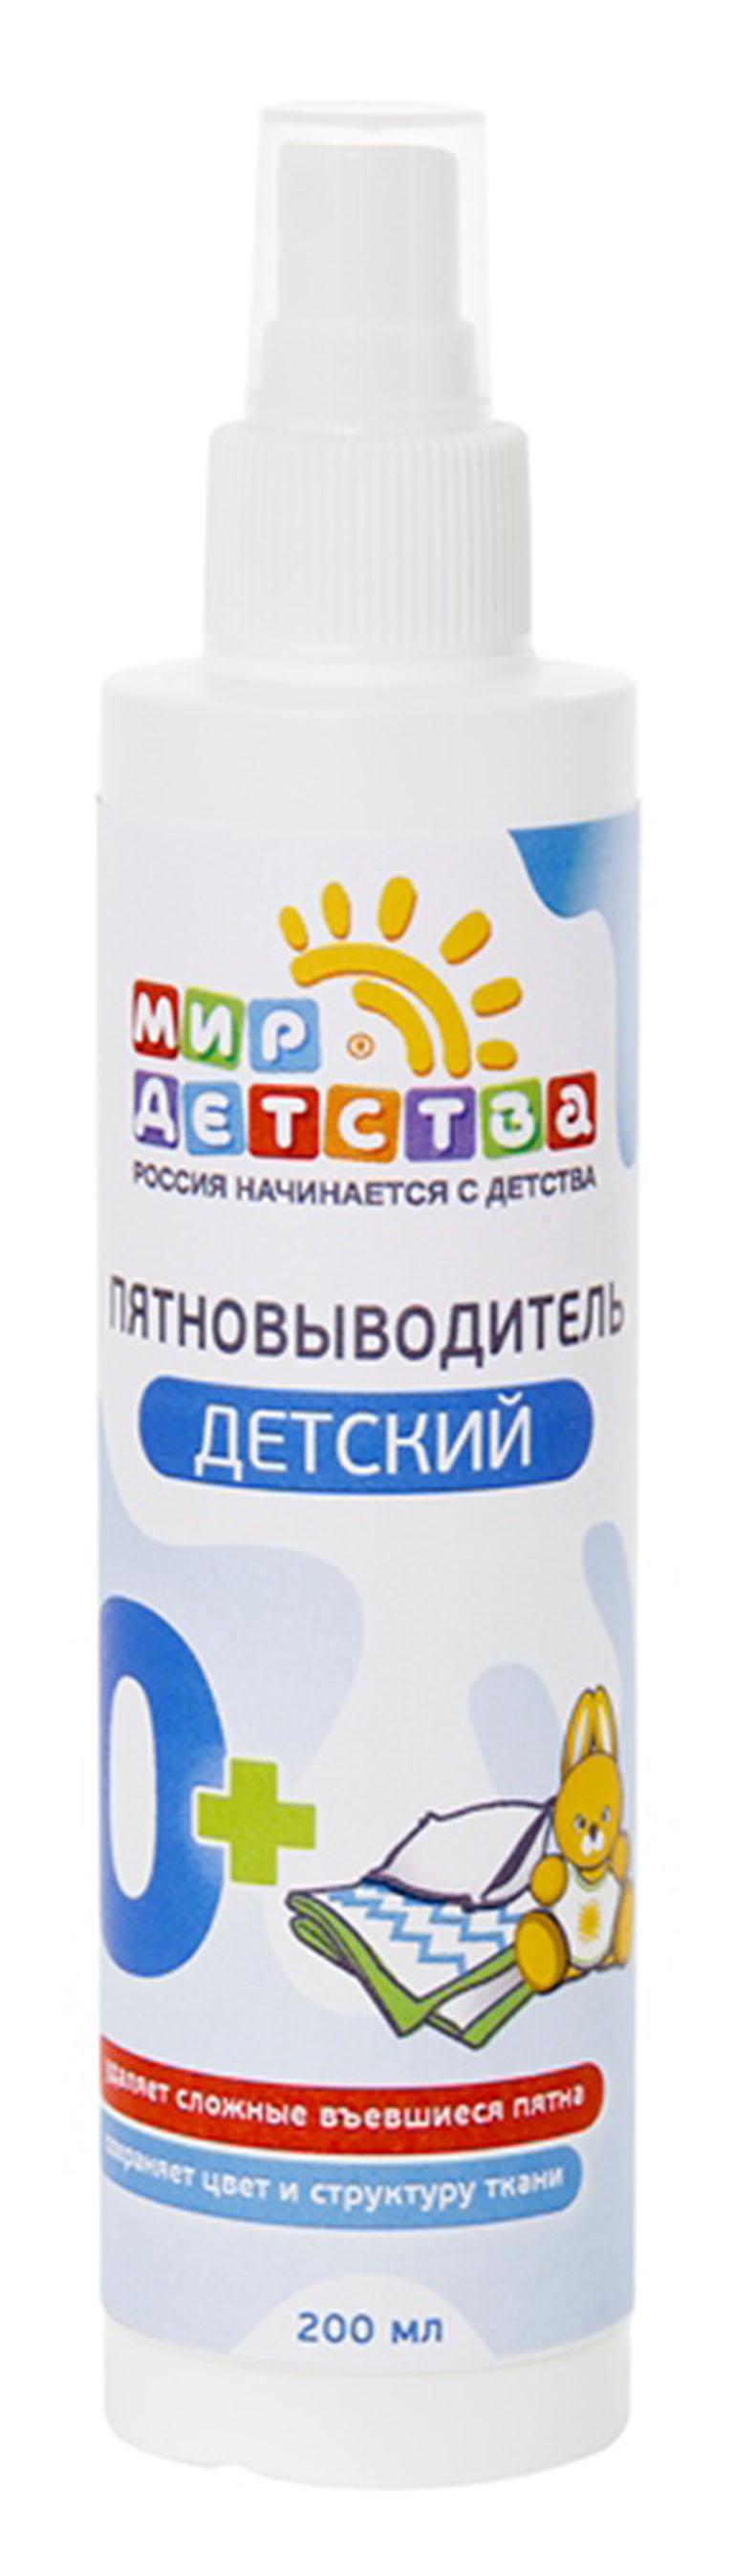 44025 Пятновыводитель для детского белья, 200мл (спрей)